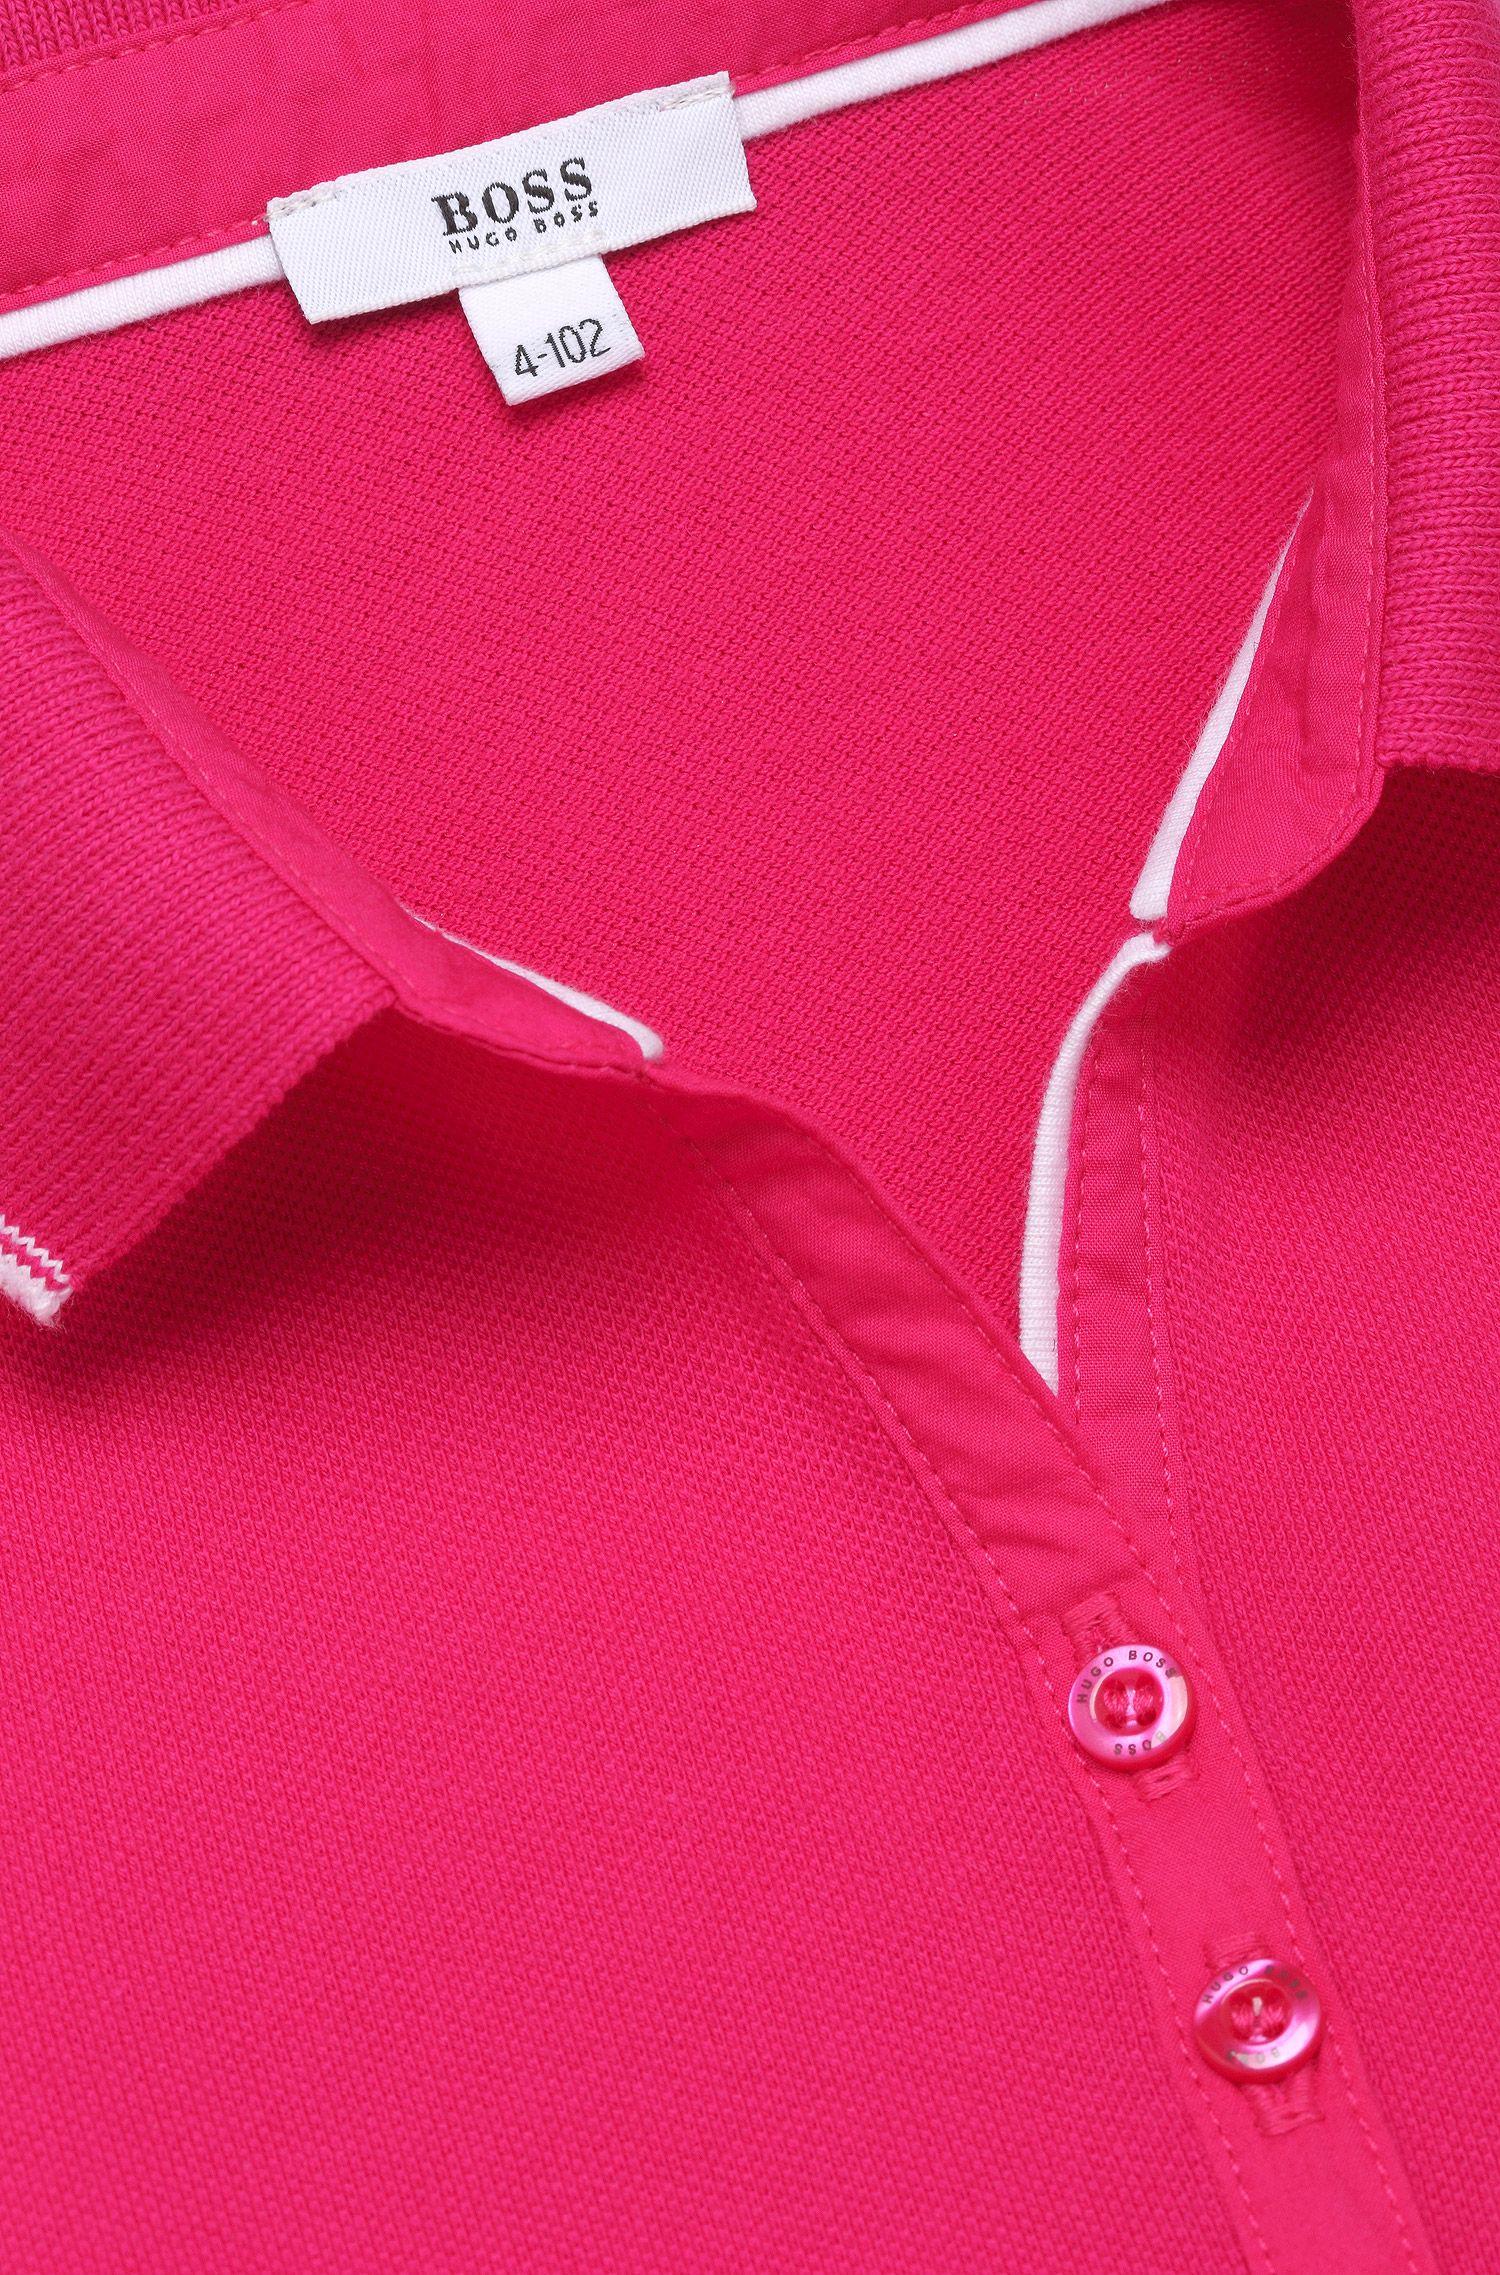 Robe-polo pour enfant «J12120» en coton mélangé